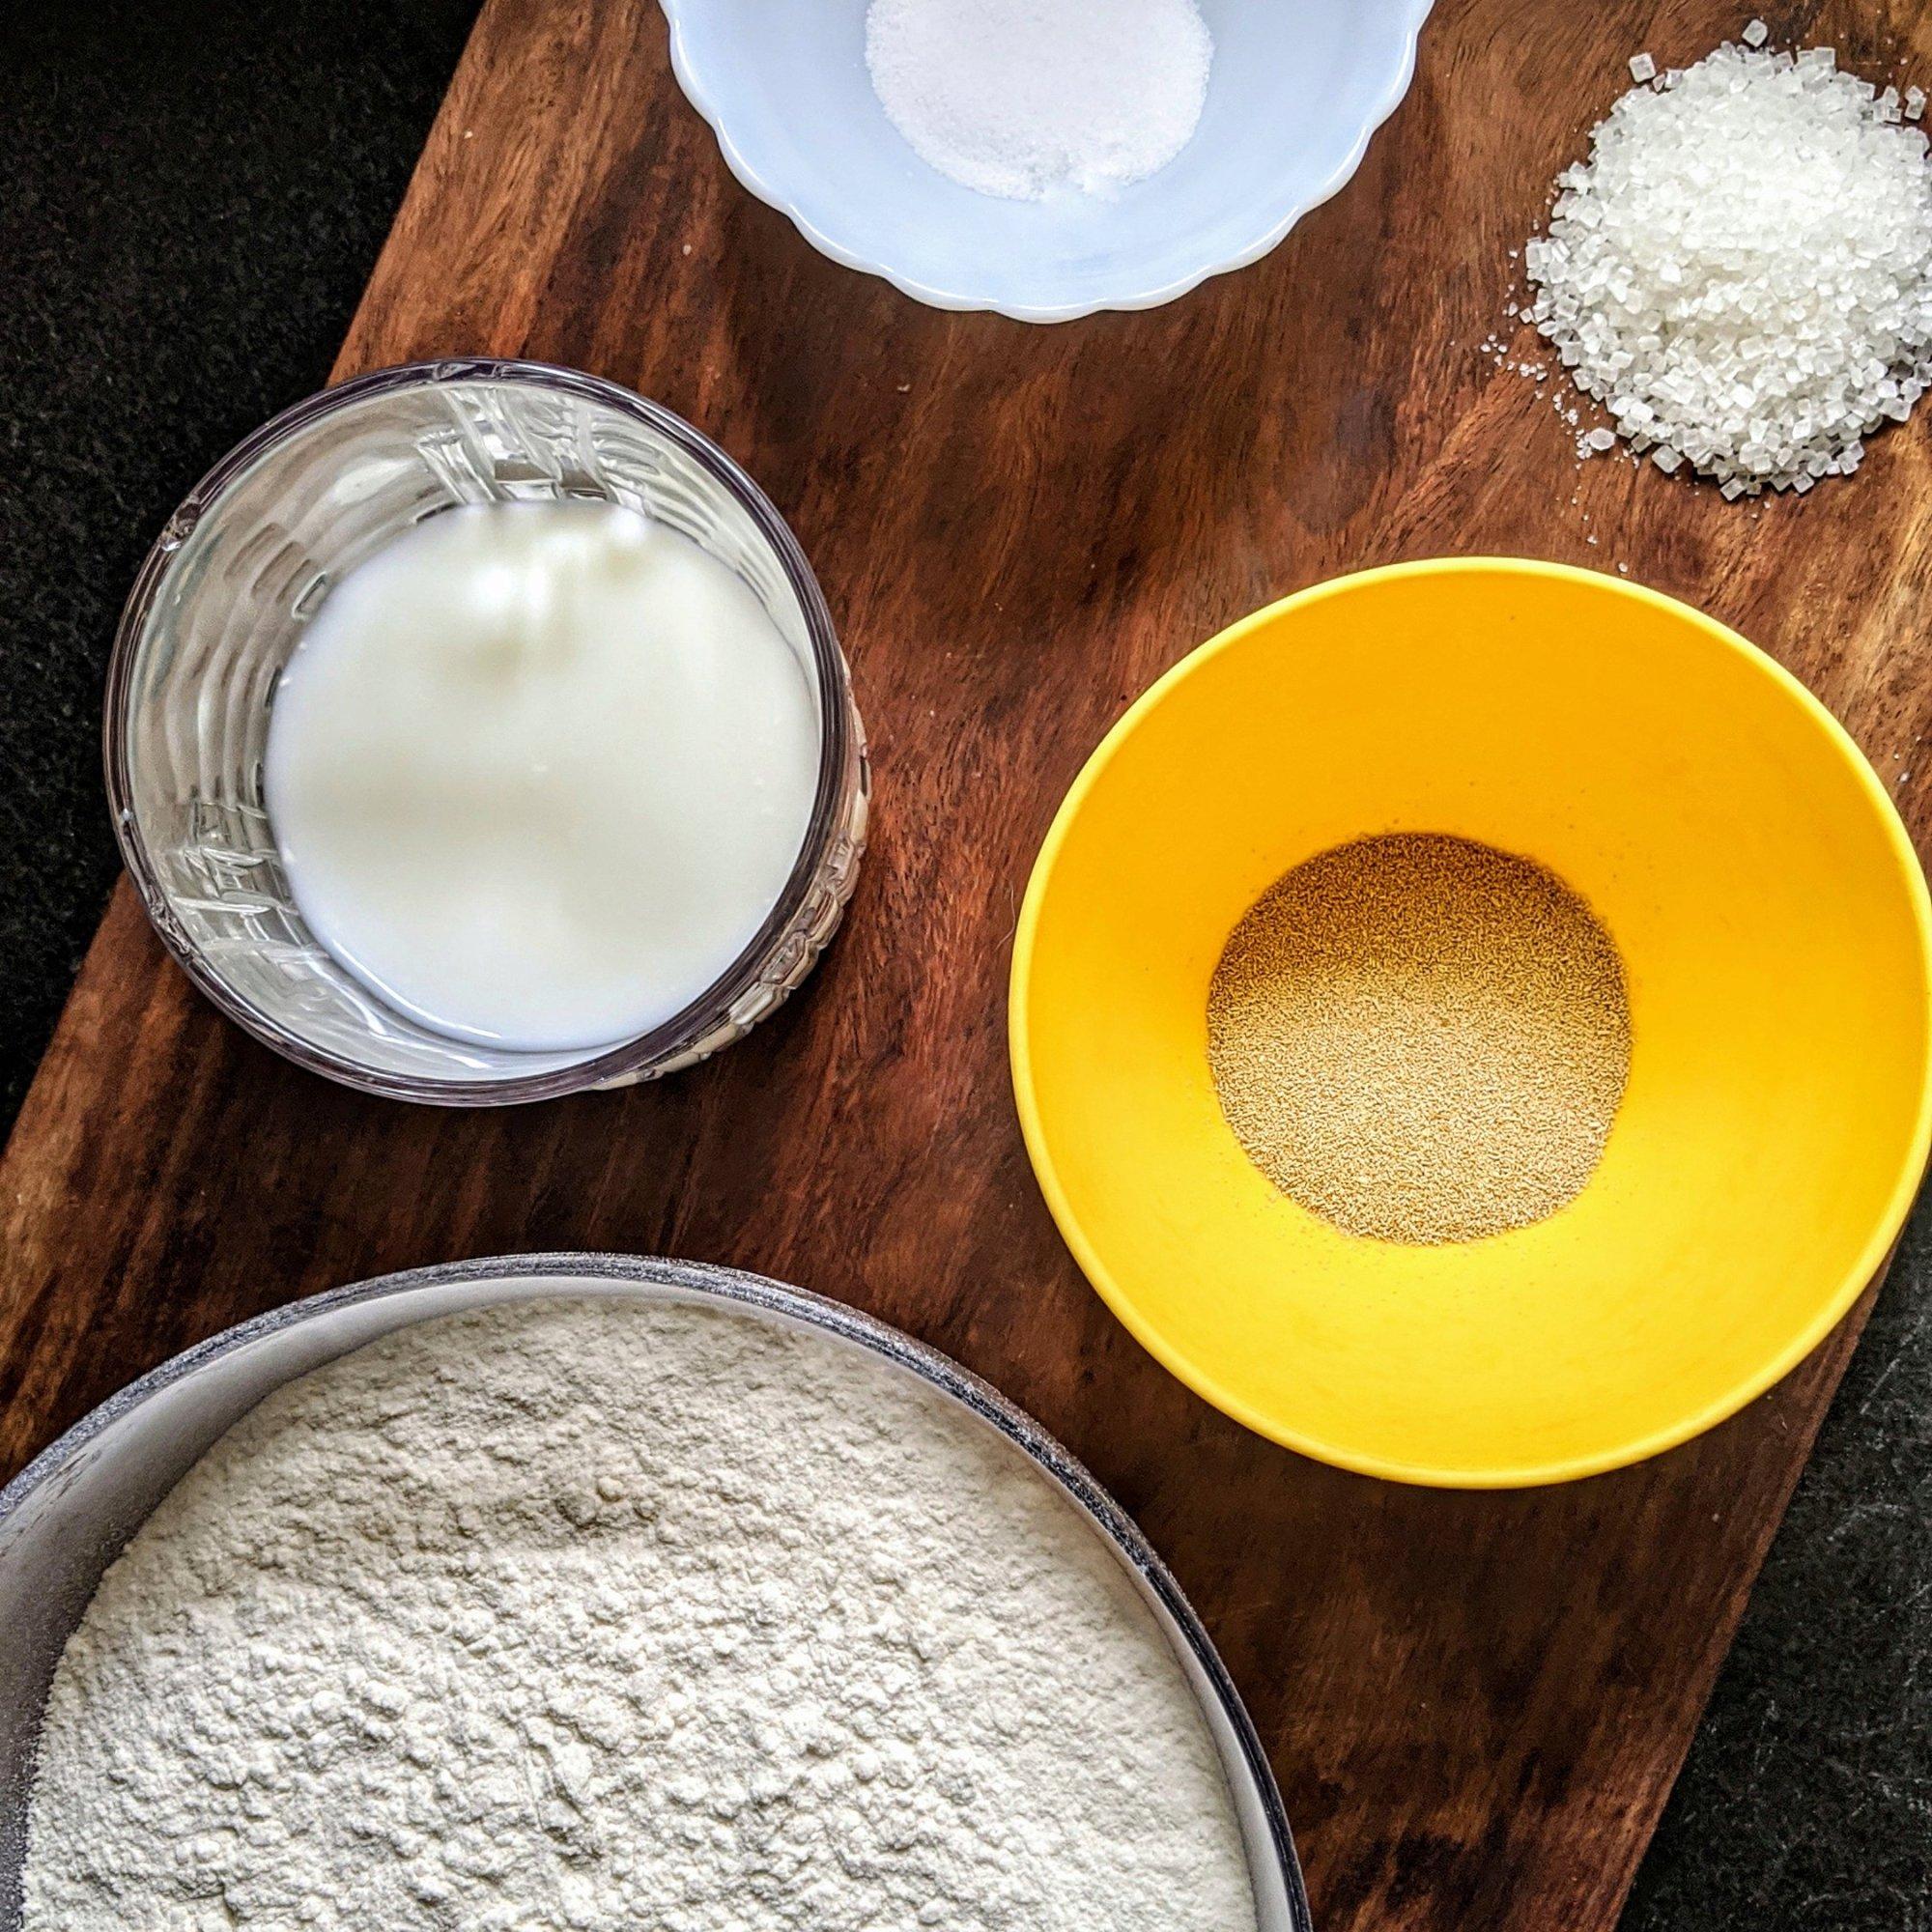 Ingredients for Garlic Buns